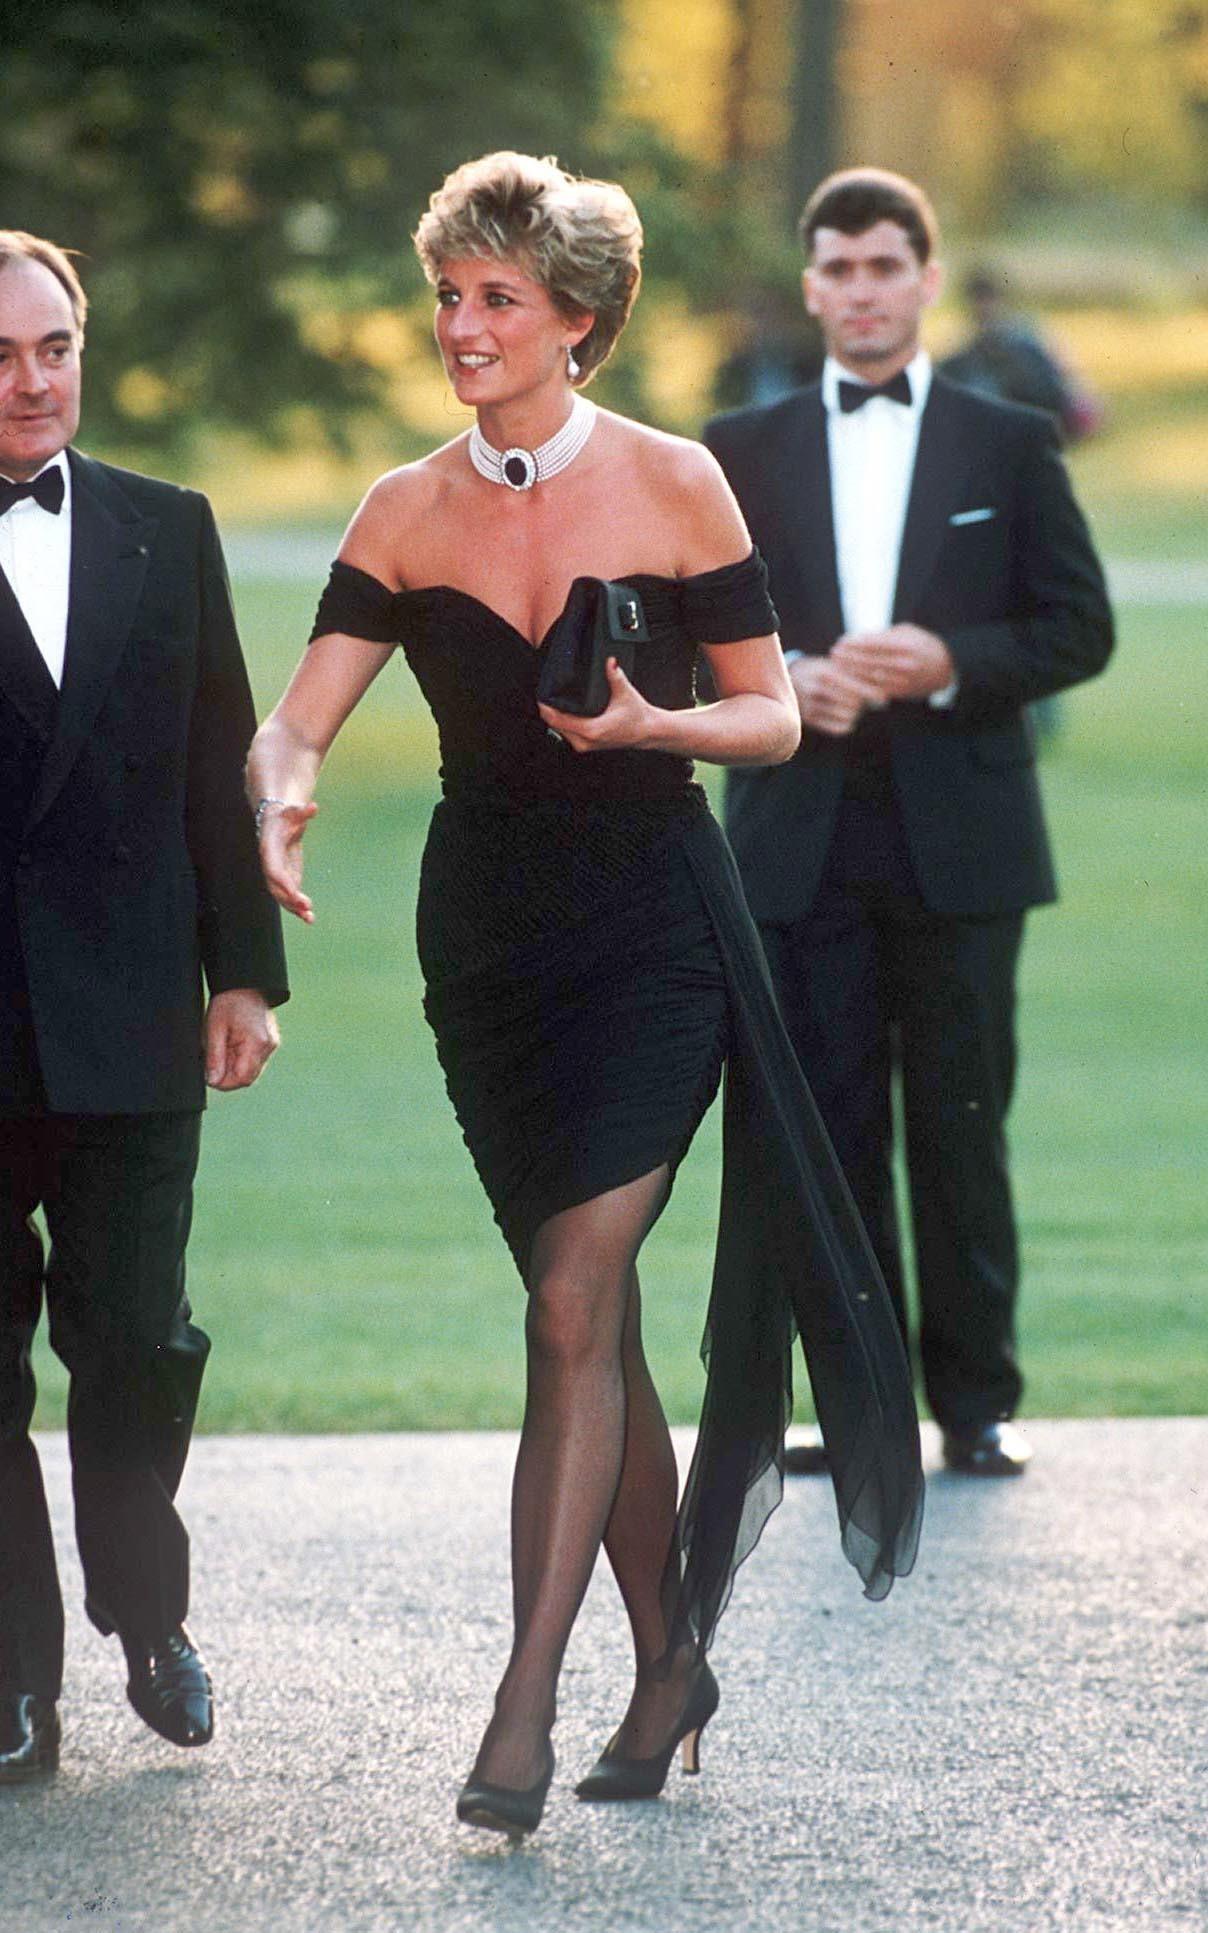 Ít ai biết, công nương Diana từng có nhiều bộ váy sexy ra phết nhưng cháy nhất phải là loạt bikini cơ! - Ảnh 4.